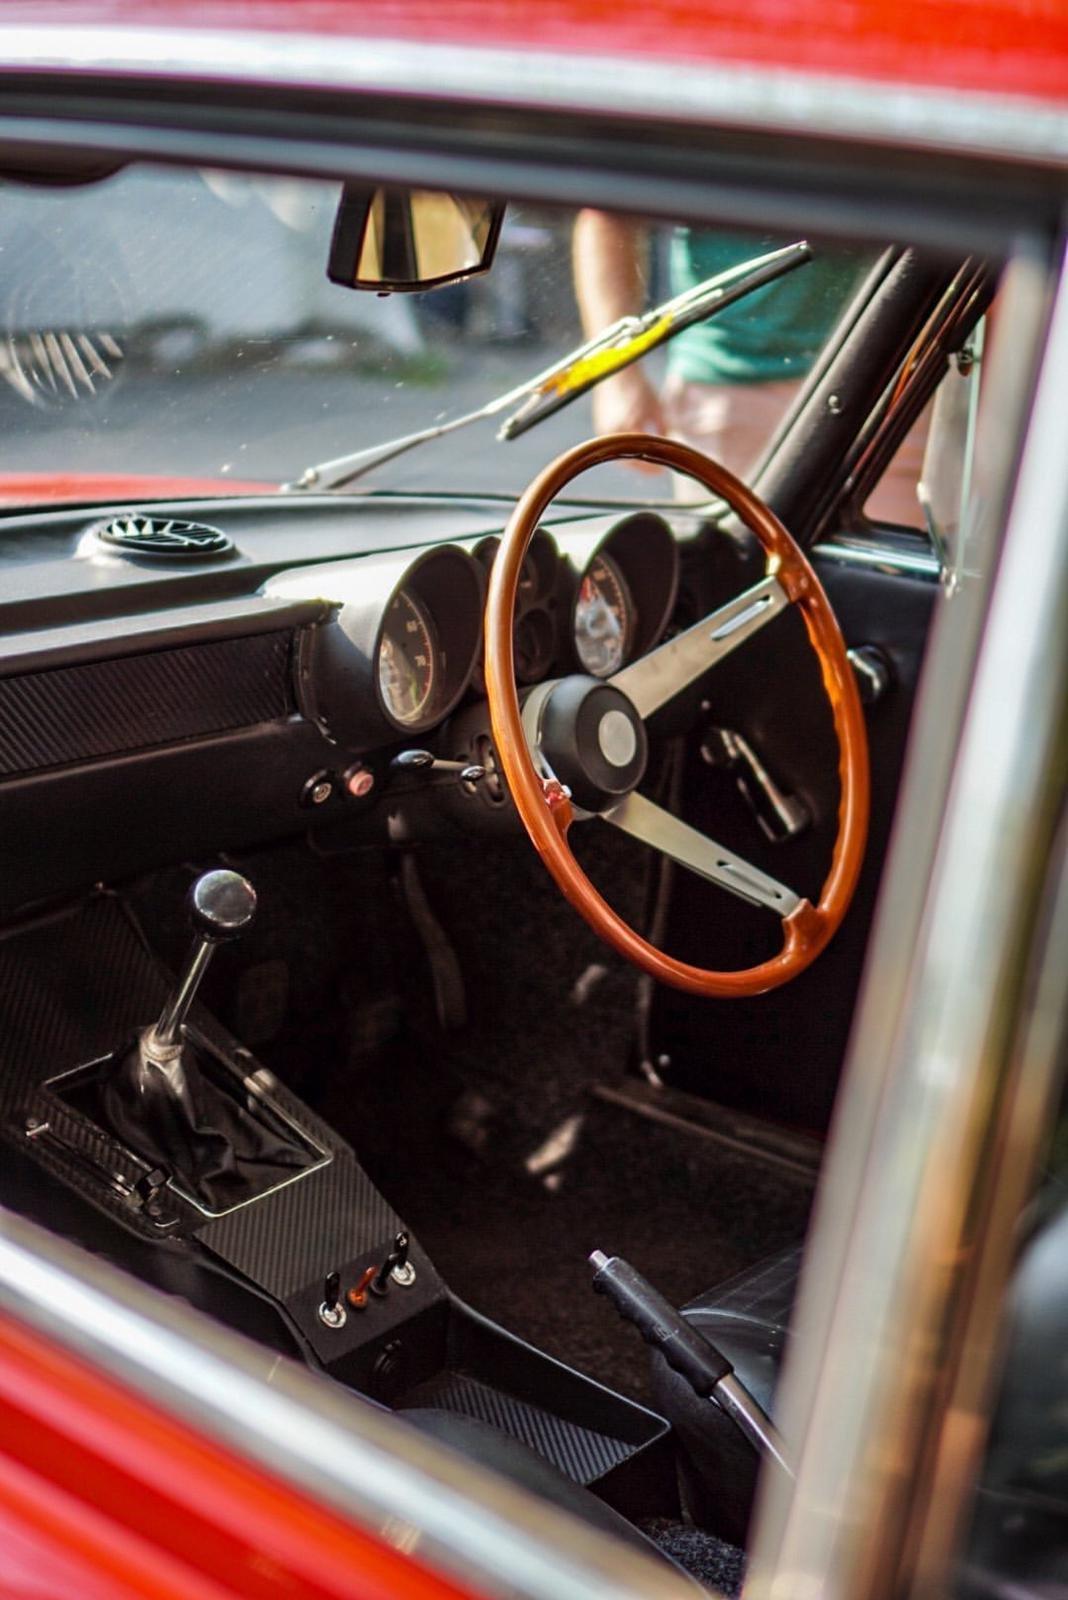 1973 Alfa Romeo gtv 2000 gta/m replica For Sale (picture 3 of 6)